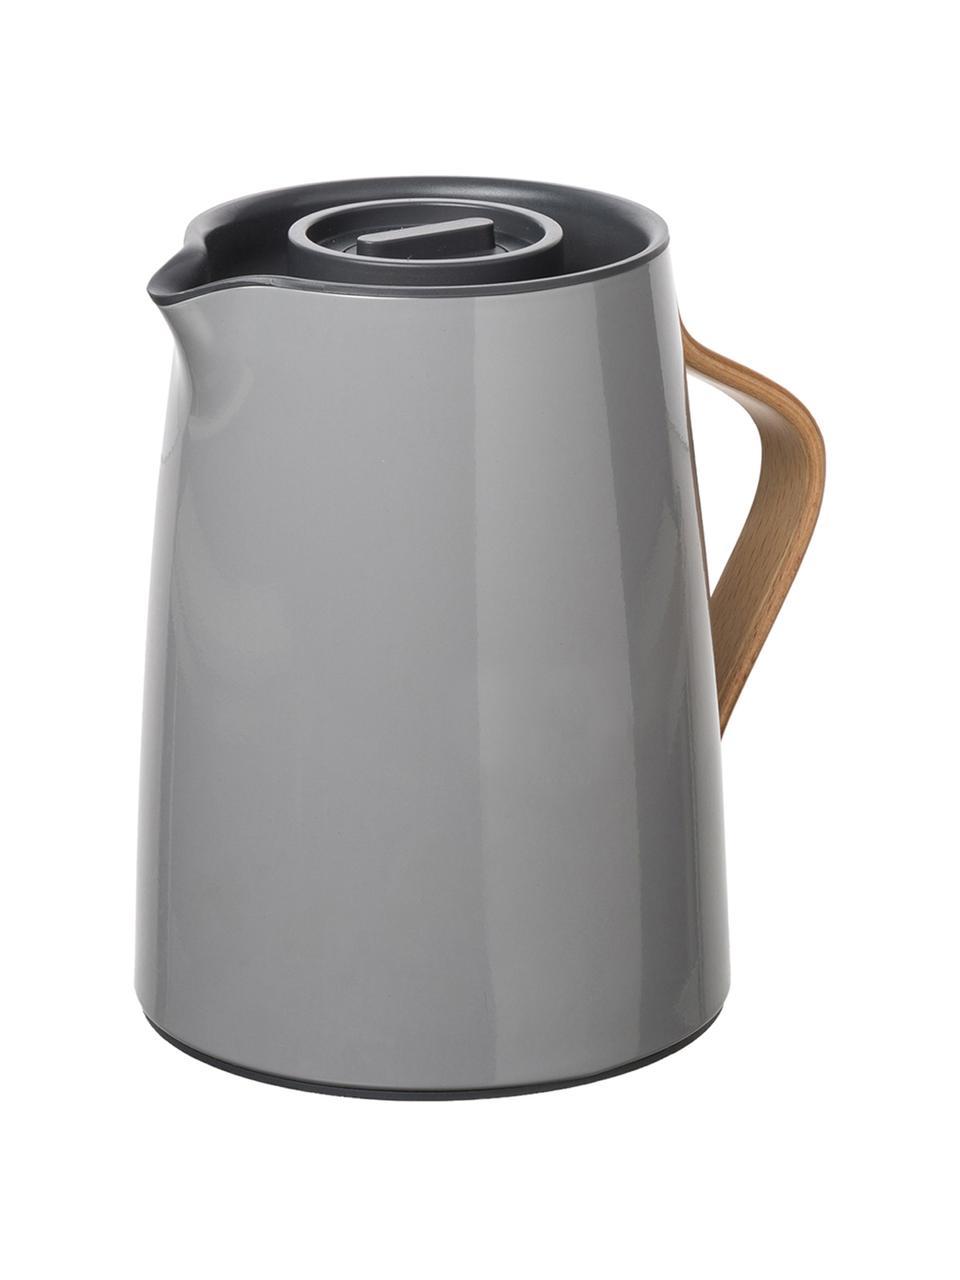 Teezubereiter Emma in Grau glänzend, 1 L, Korpus: Stahl, Beschichtung: Emaille, Griff: Buchenholz, Grau, 1 l